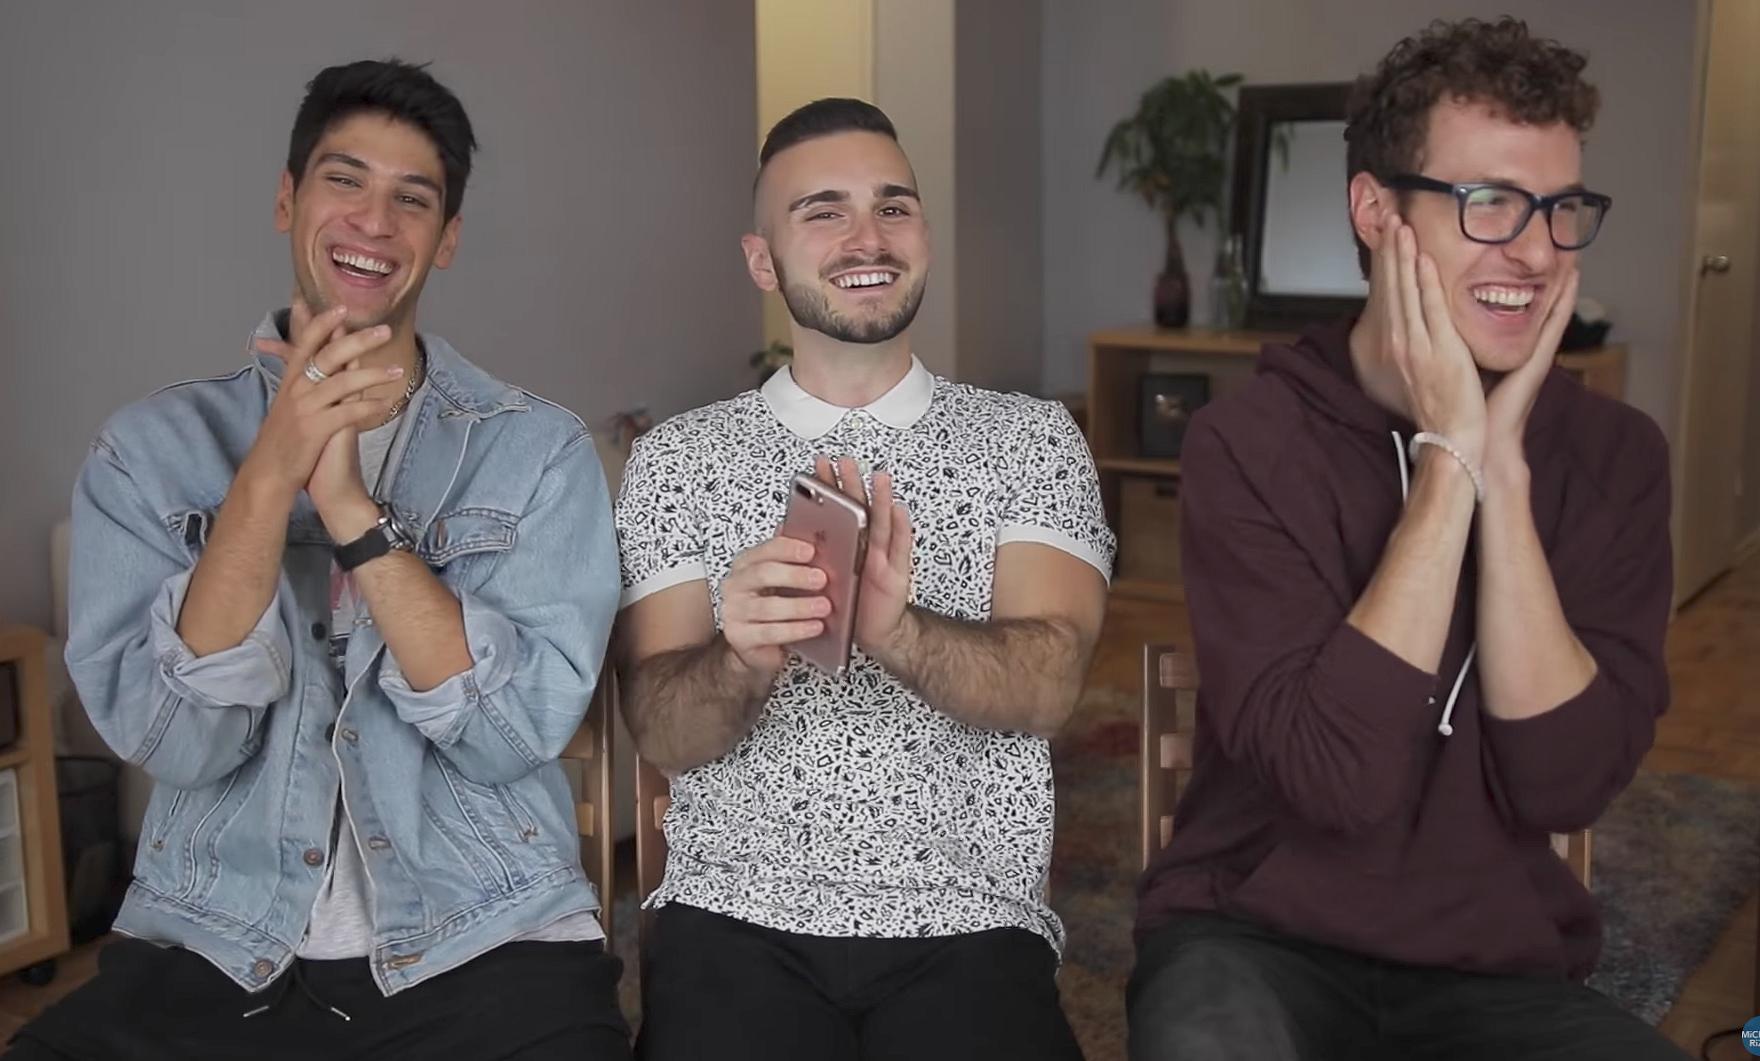 Videosnack | Michael mag een kijkje nemen in de bizarre Grindr-gesprekken van zijn vrienden